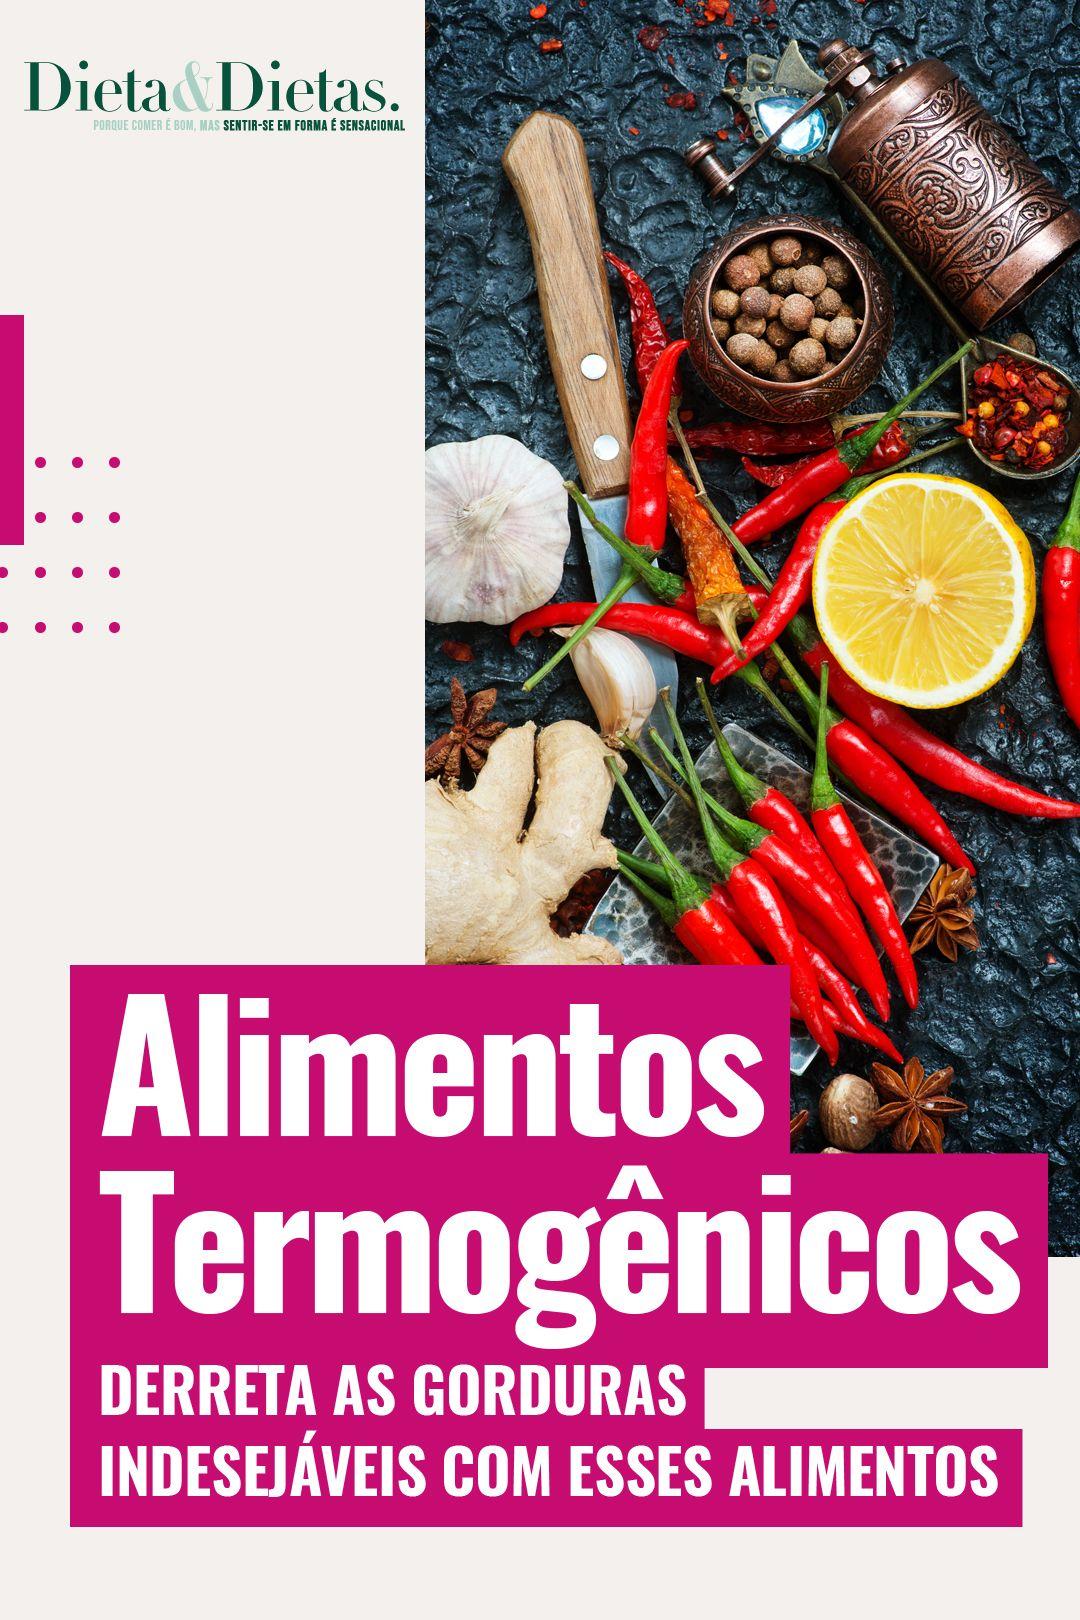 14 Alimentos Termogenicos Que Derretem A Gordura Do Corpo Em 2020